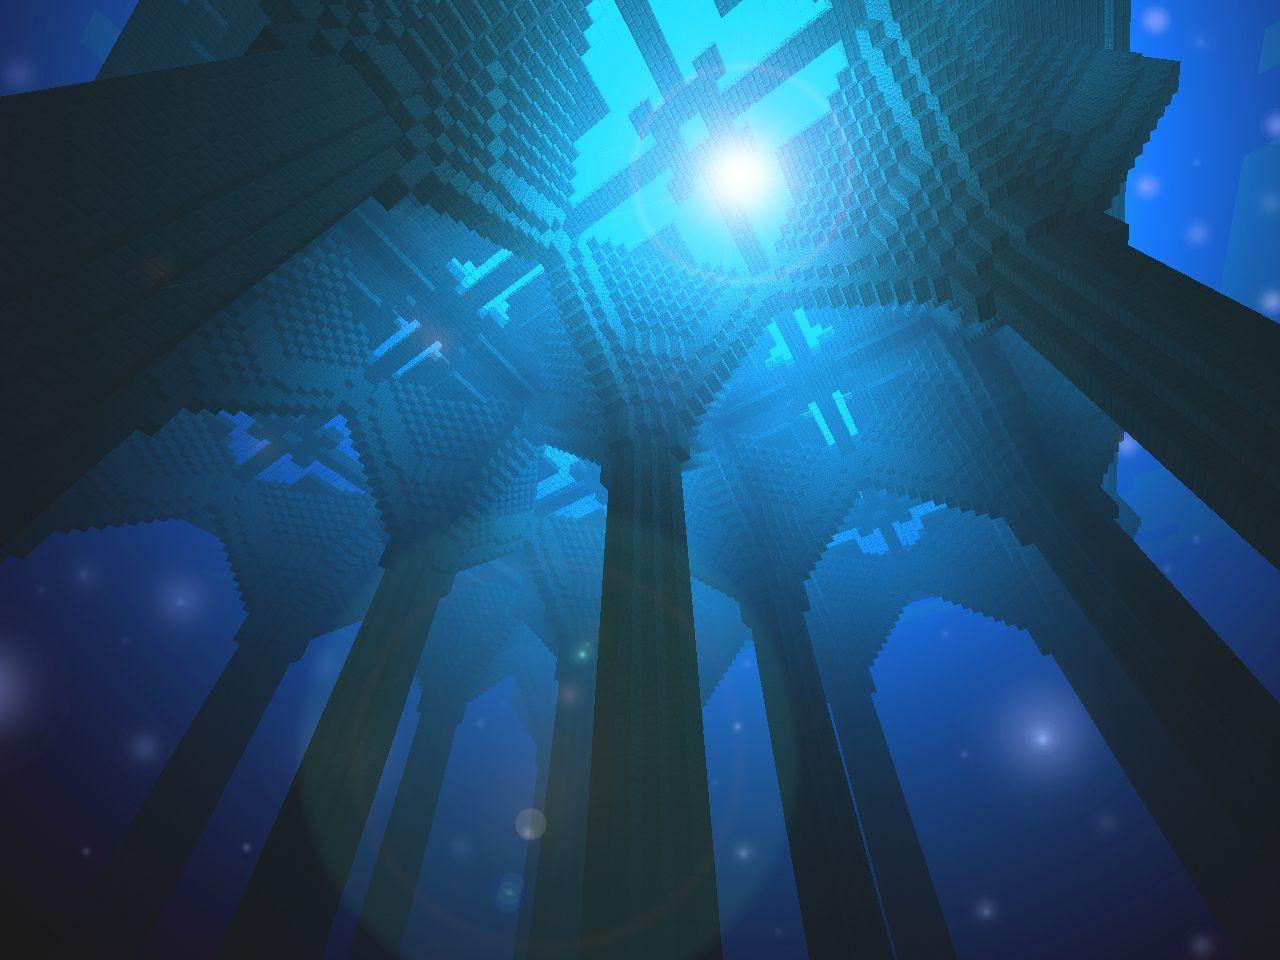 underwater-labrynth-minecraft | Minecraft | Pinterest ...